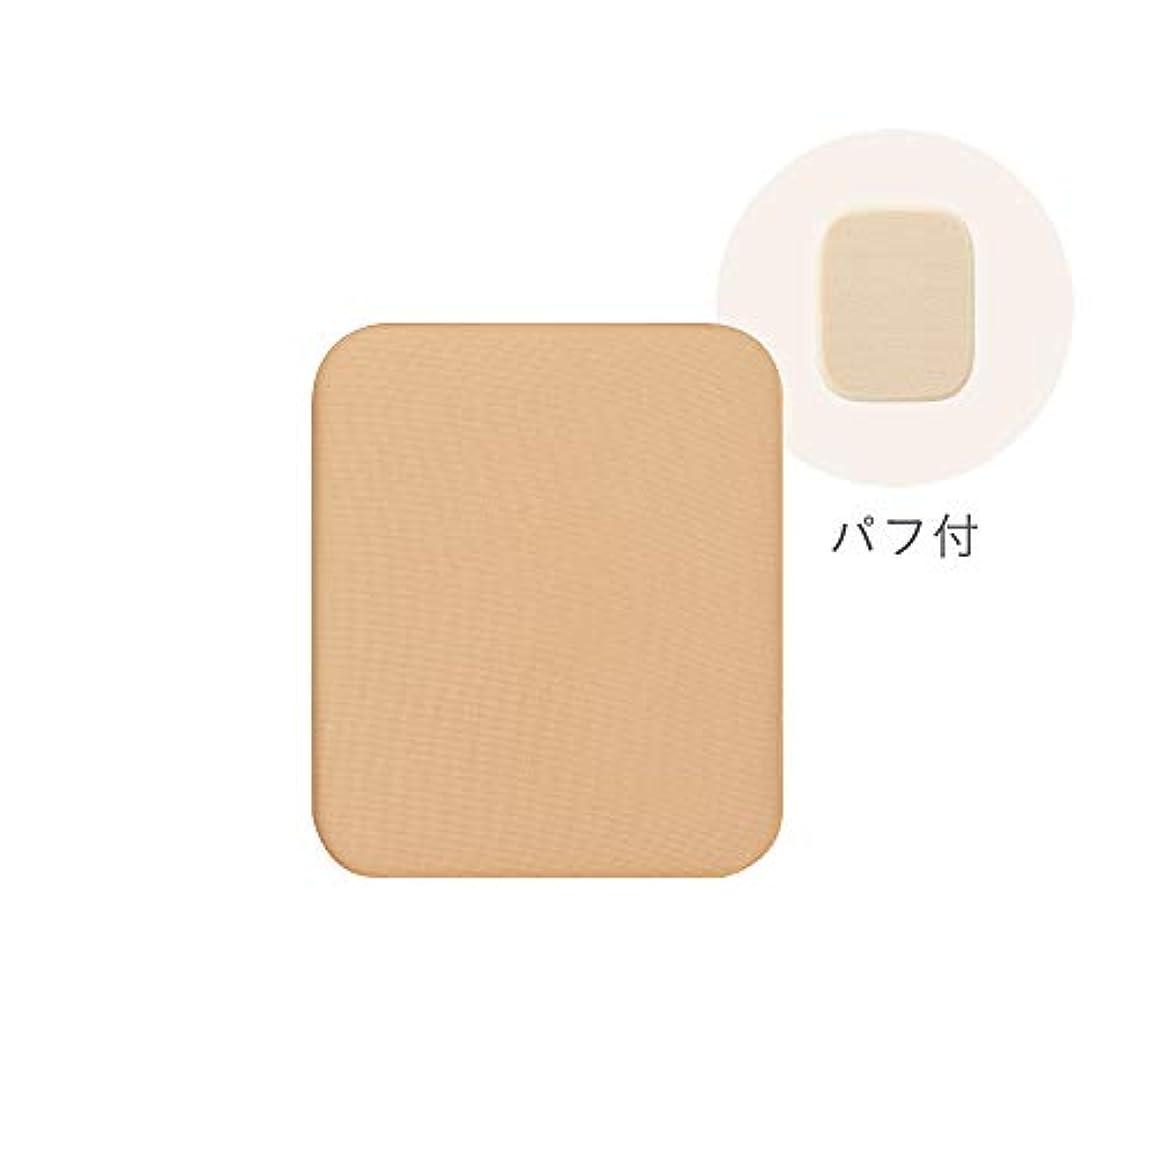 遠い経過浴室ミネラルラスティングファンデーション/マルラオイル(Marula Oil)配合/シミ?色ムラを瞬時にカバー/レフィル(ライト)パフ付き※専用ケース別売り